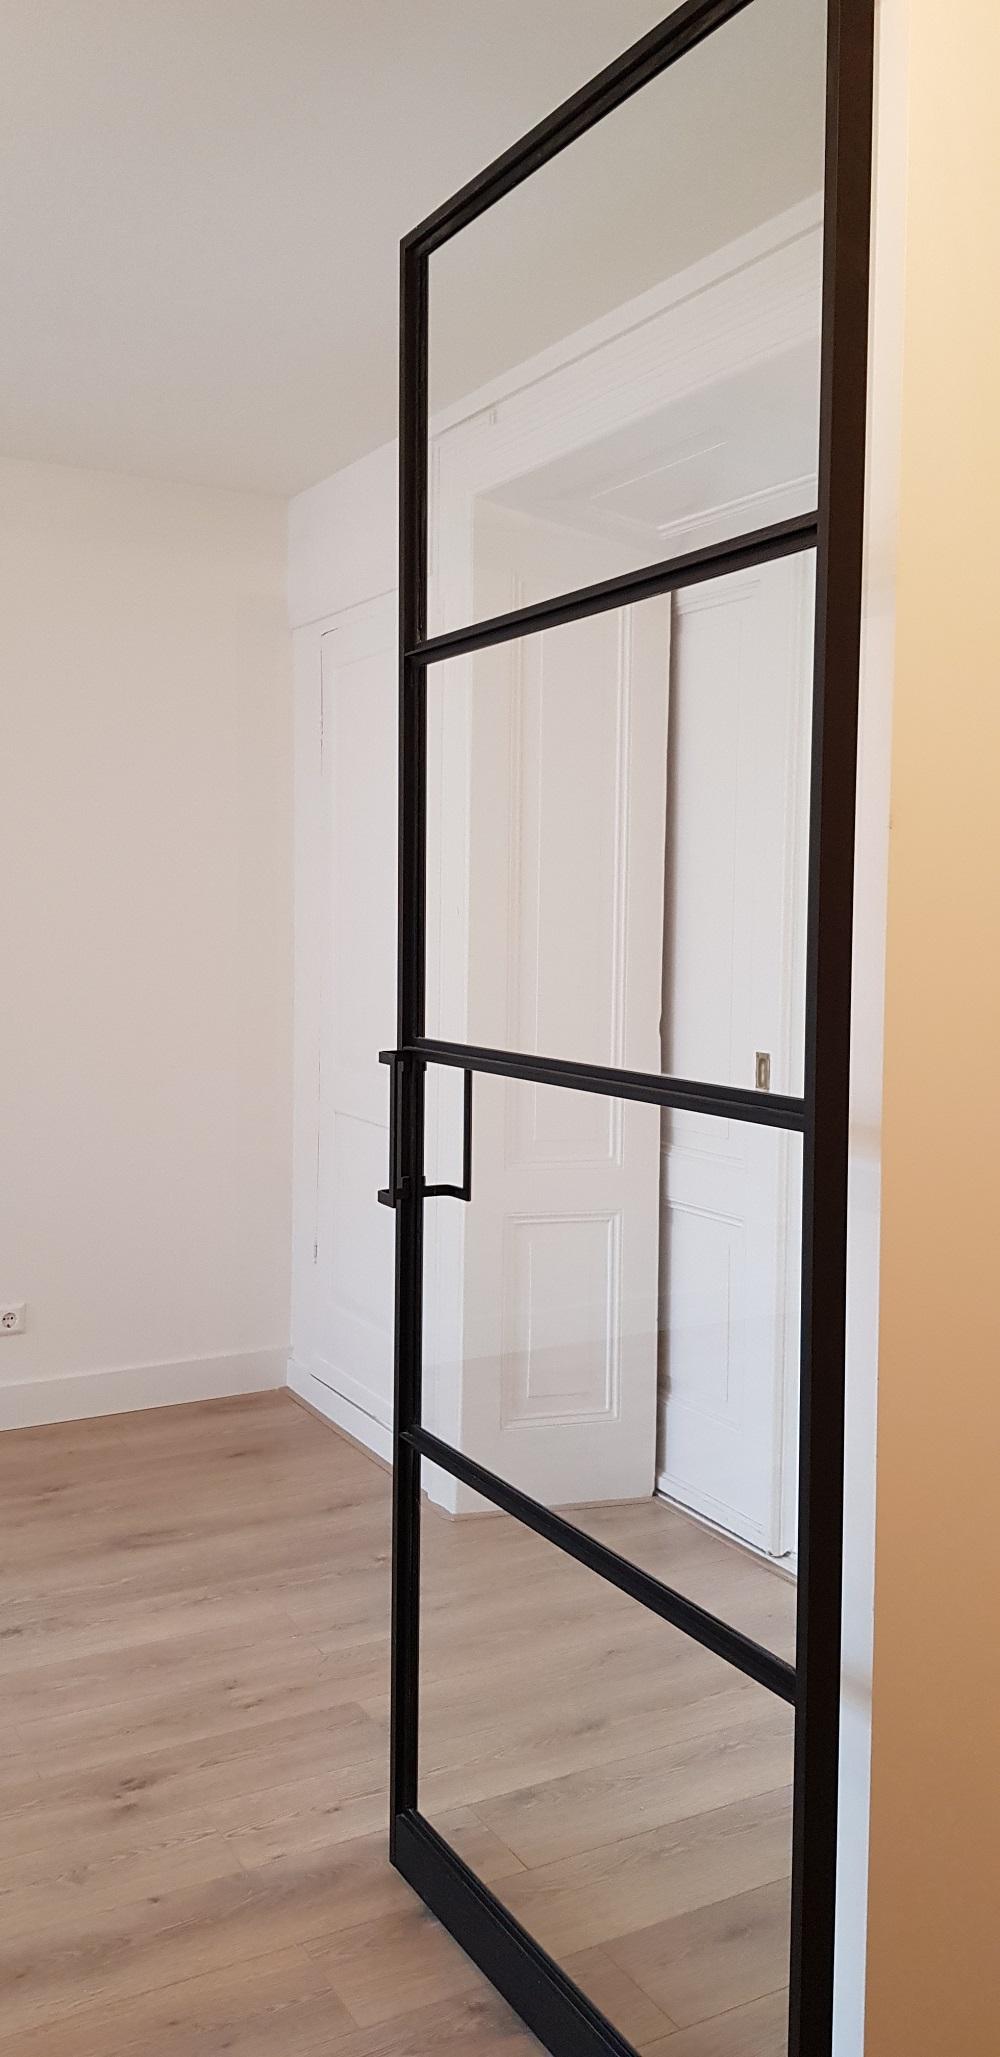 UFA Bouw_Verbouwing_Bosboom Toussaintstraat 31_stalen deur entree hal